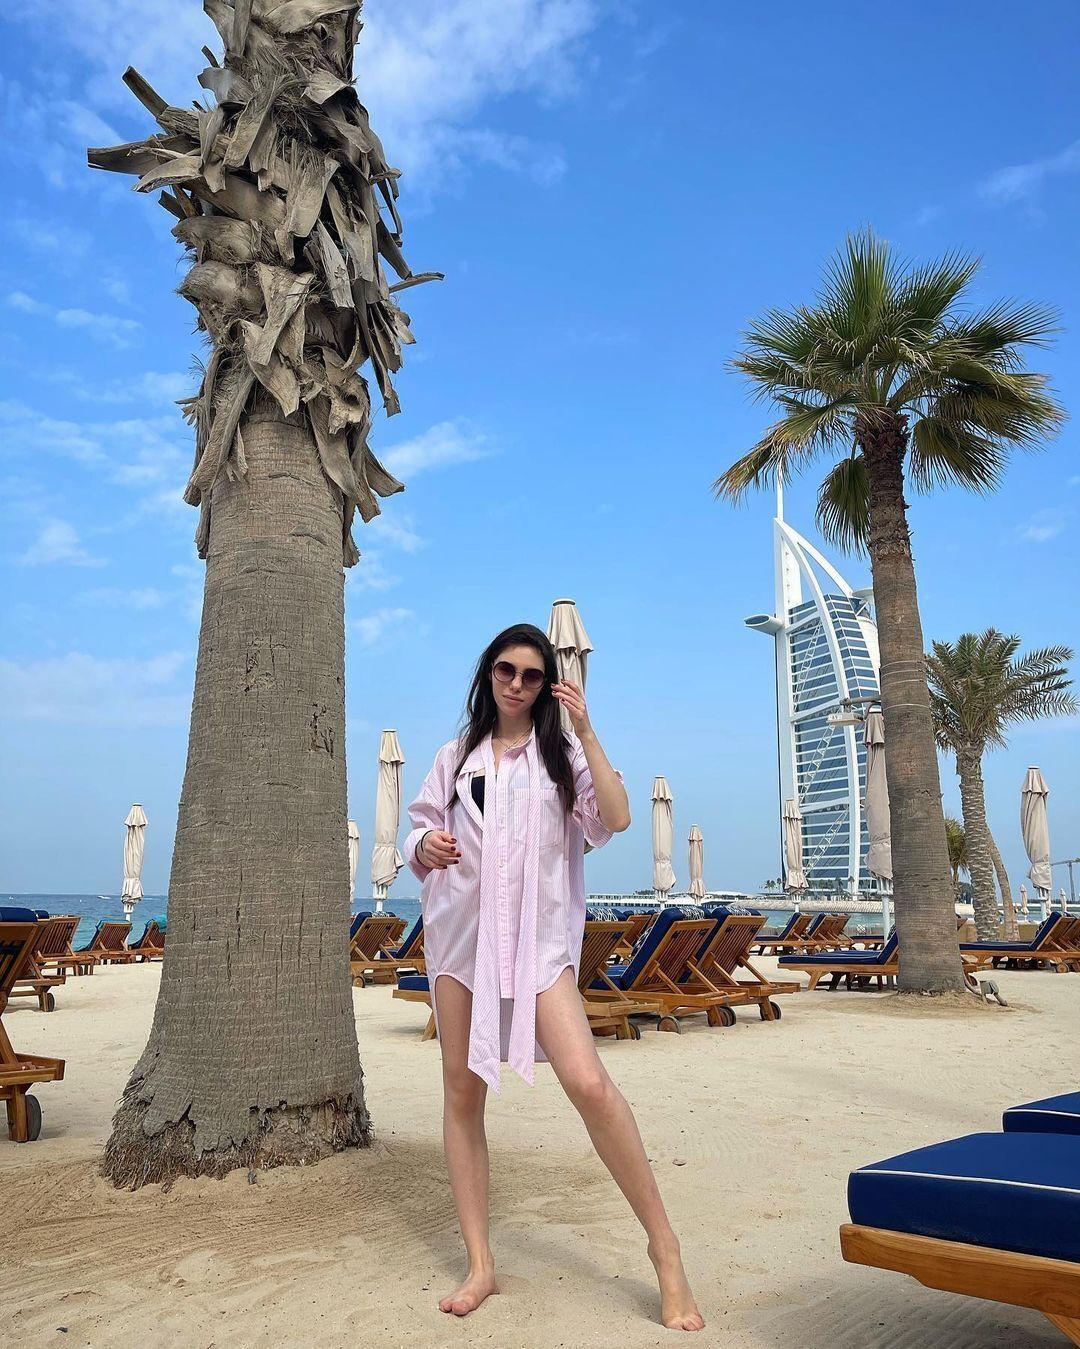 Яна Суркис рядом с пальмой